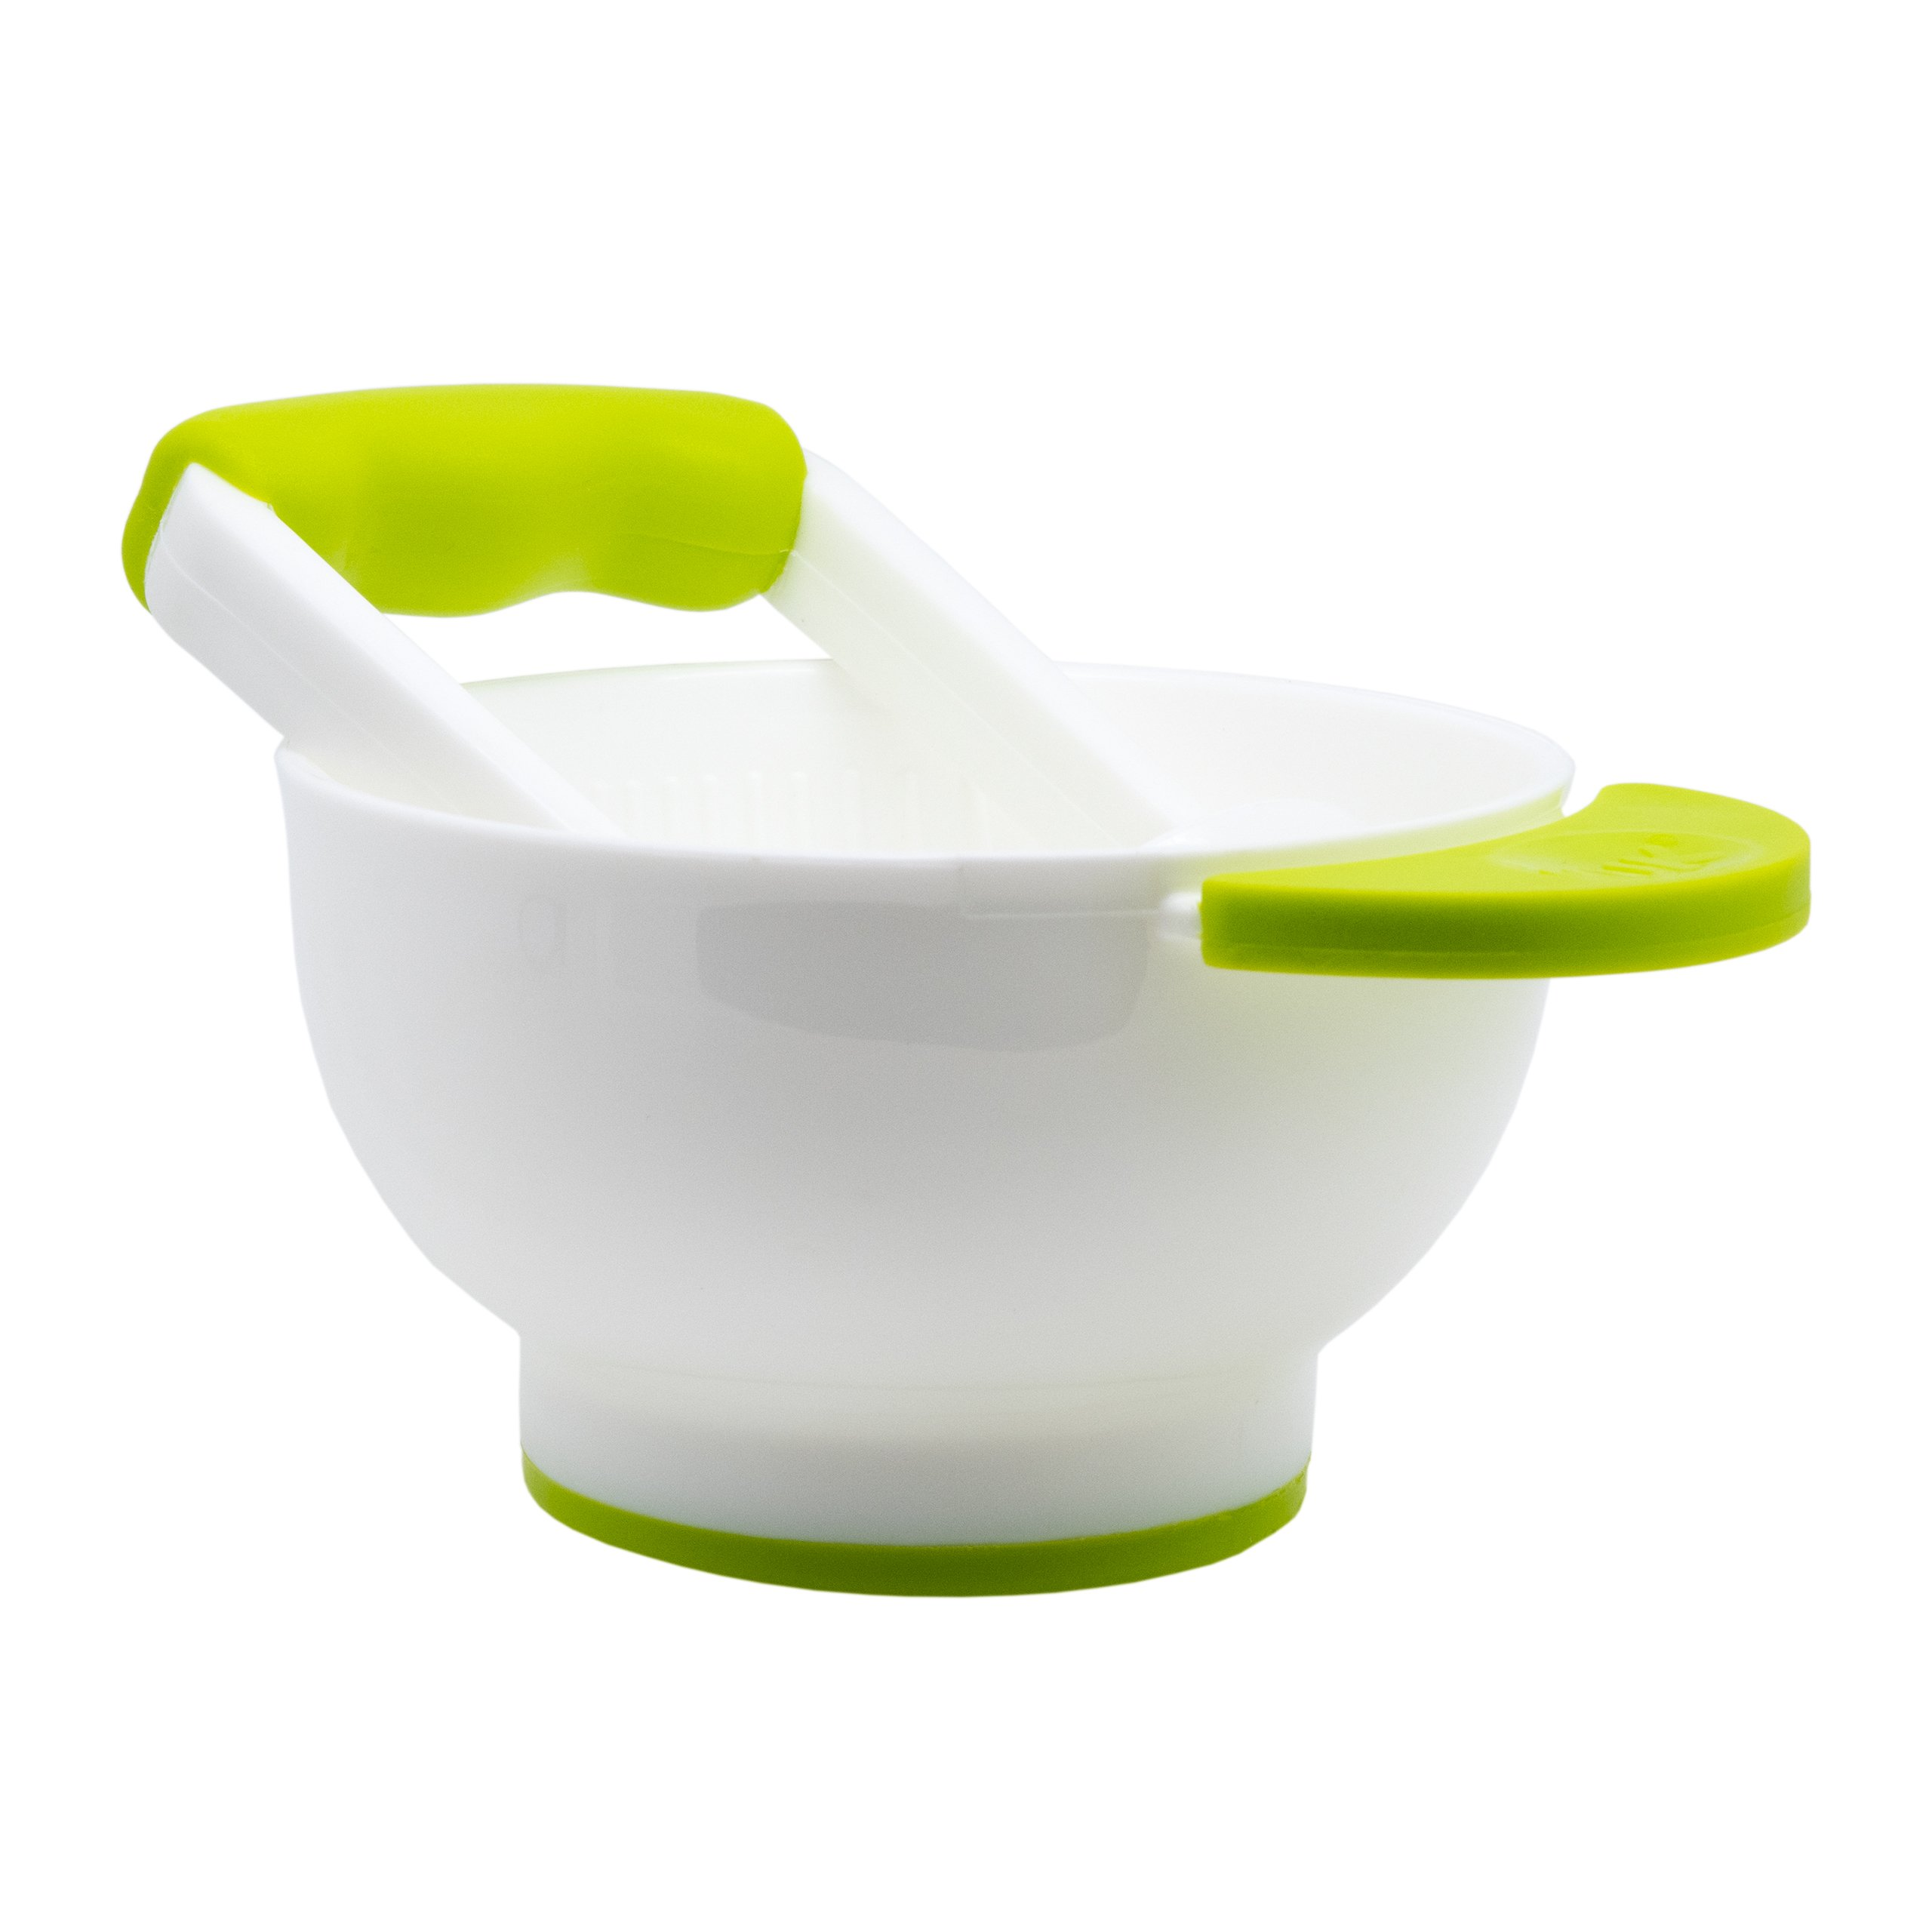 Nuk Baby Food Masher & Bowl